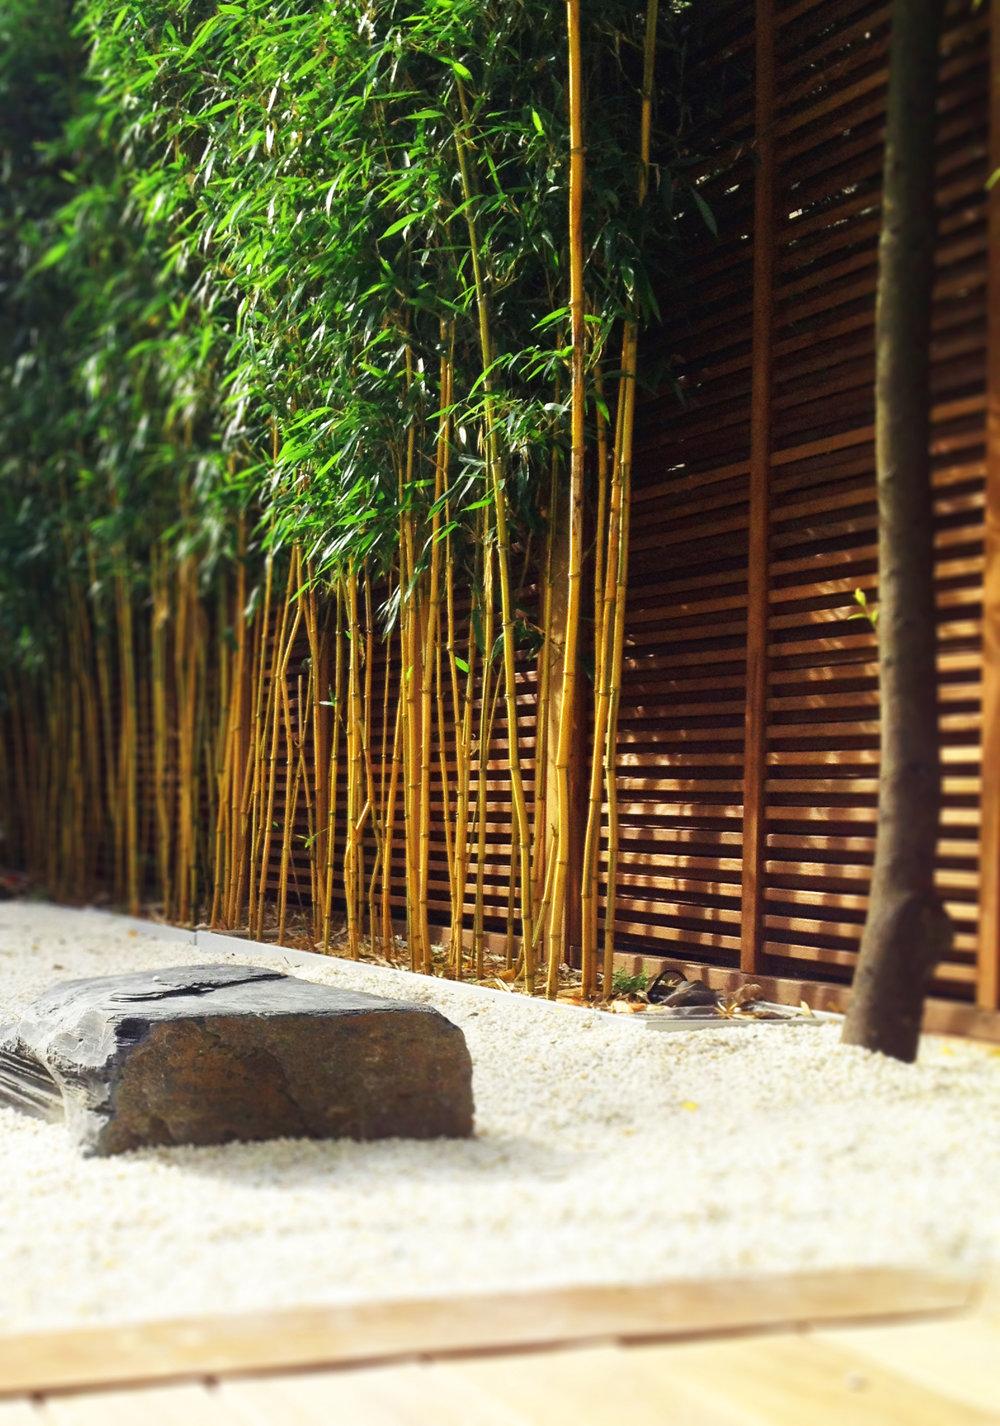 jardin_de_neuilly_paris_terrasses_jardins_outdoor_garden_christophe_gautrand_paysagiste_4.jpg